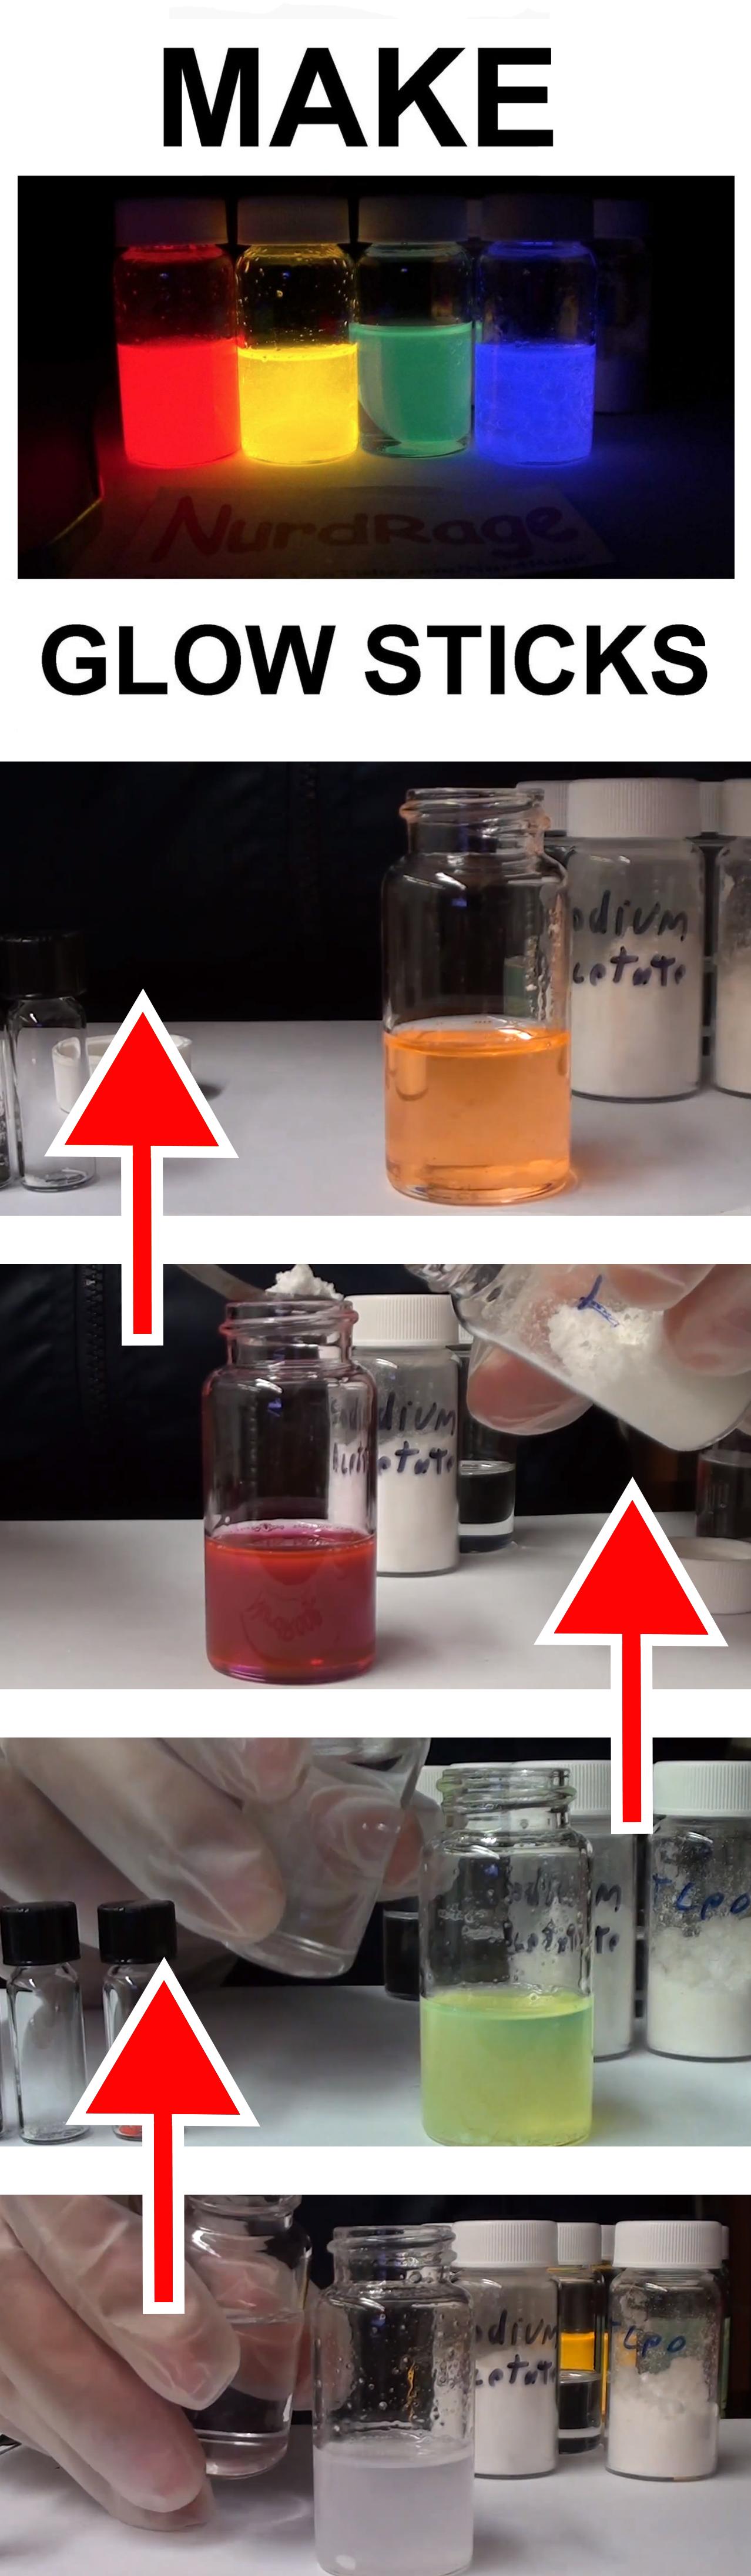 Make Glow Sticks the Science Glow sticks, Chemistry